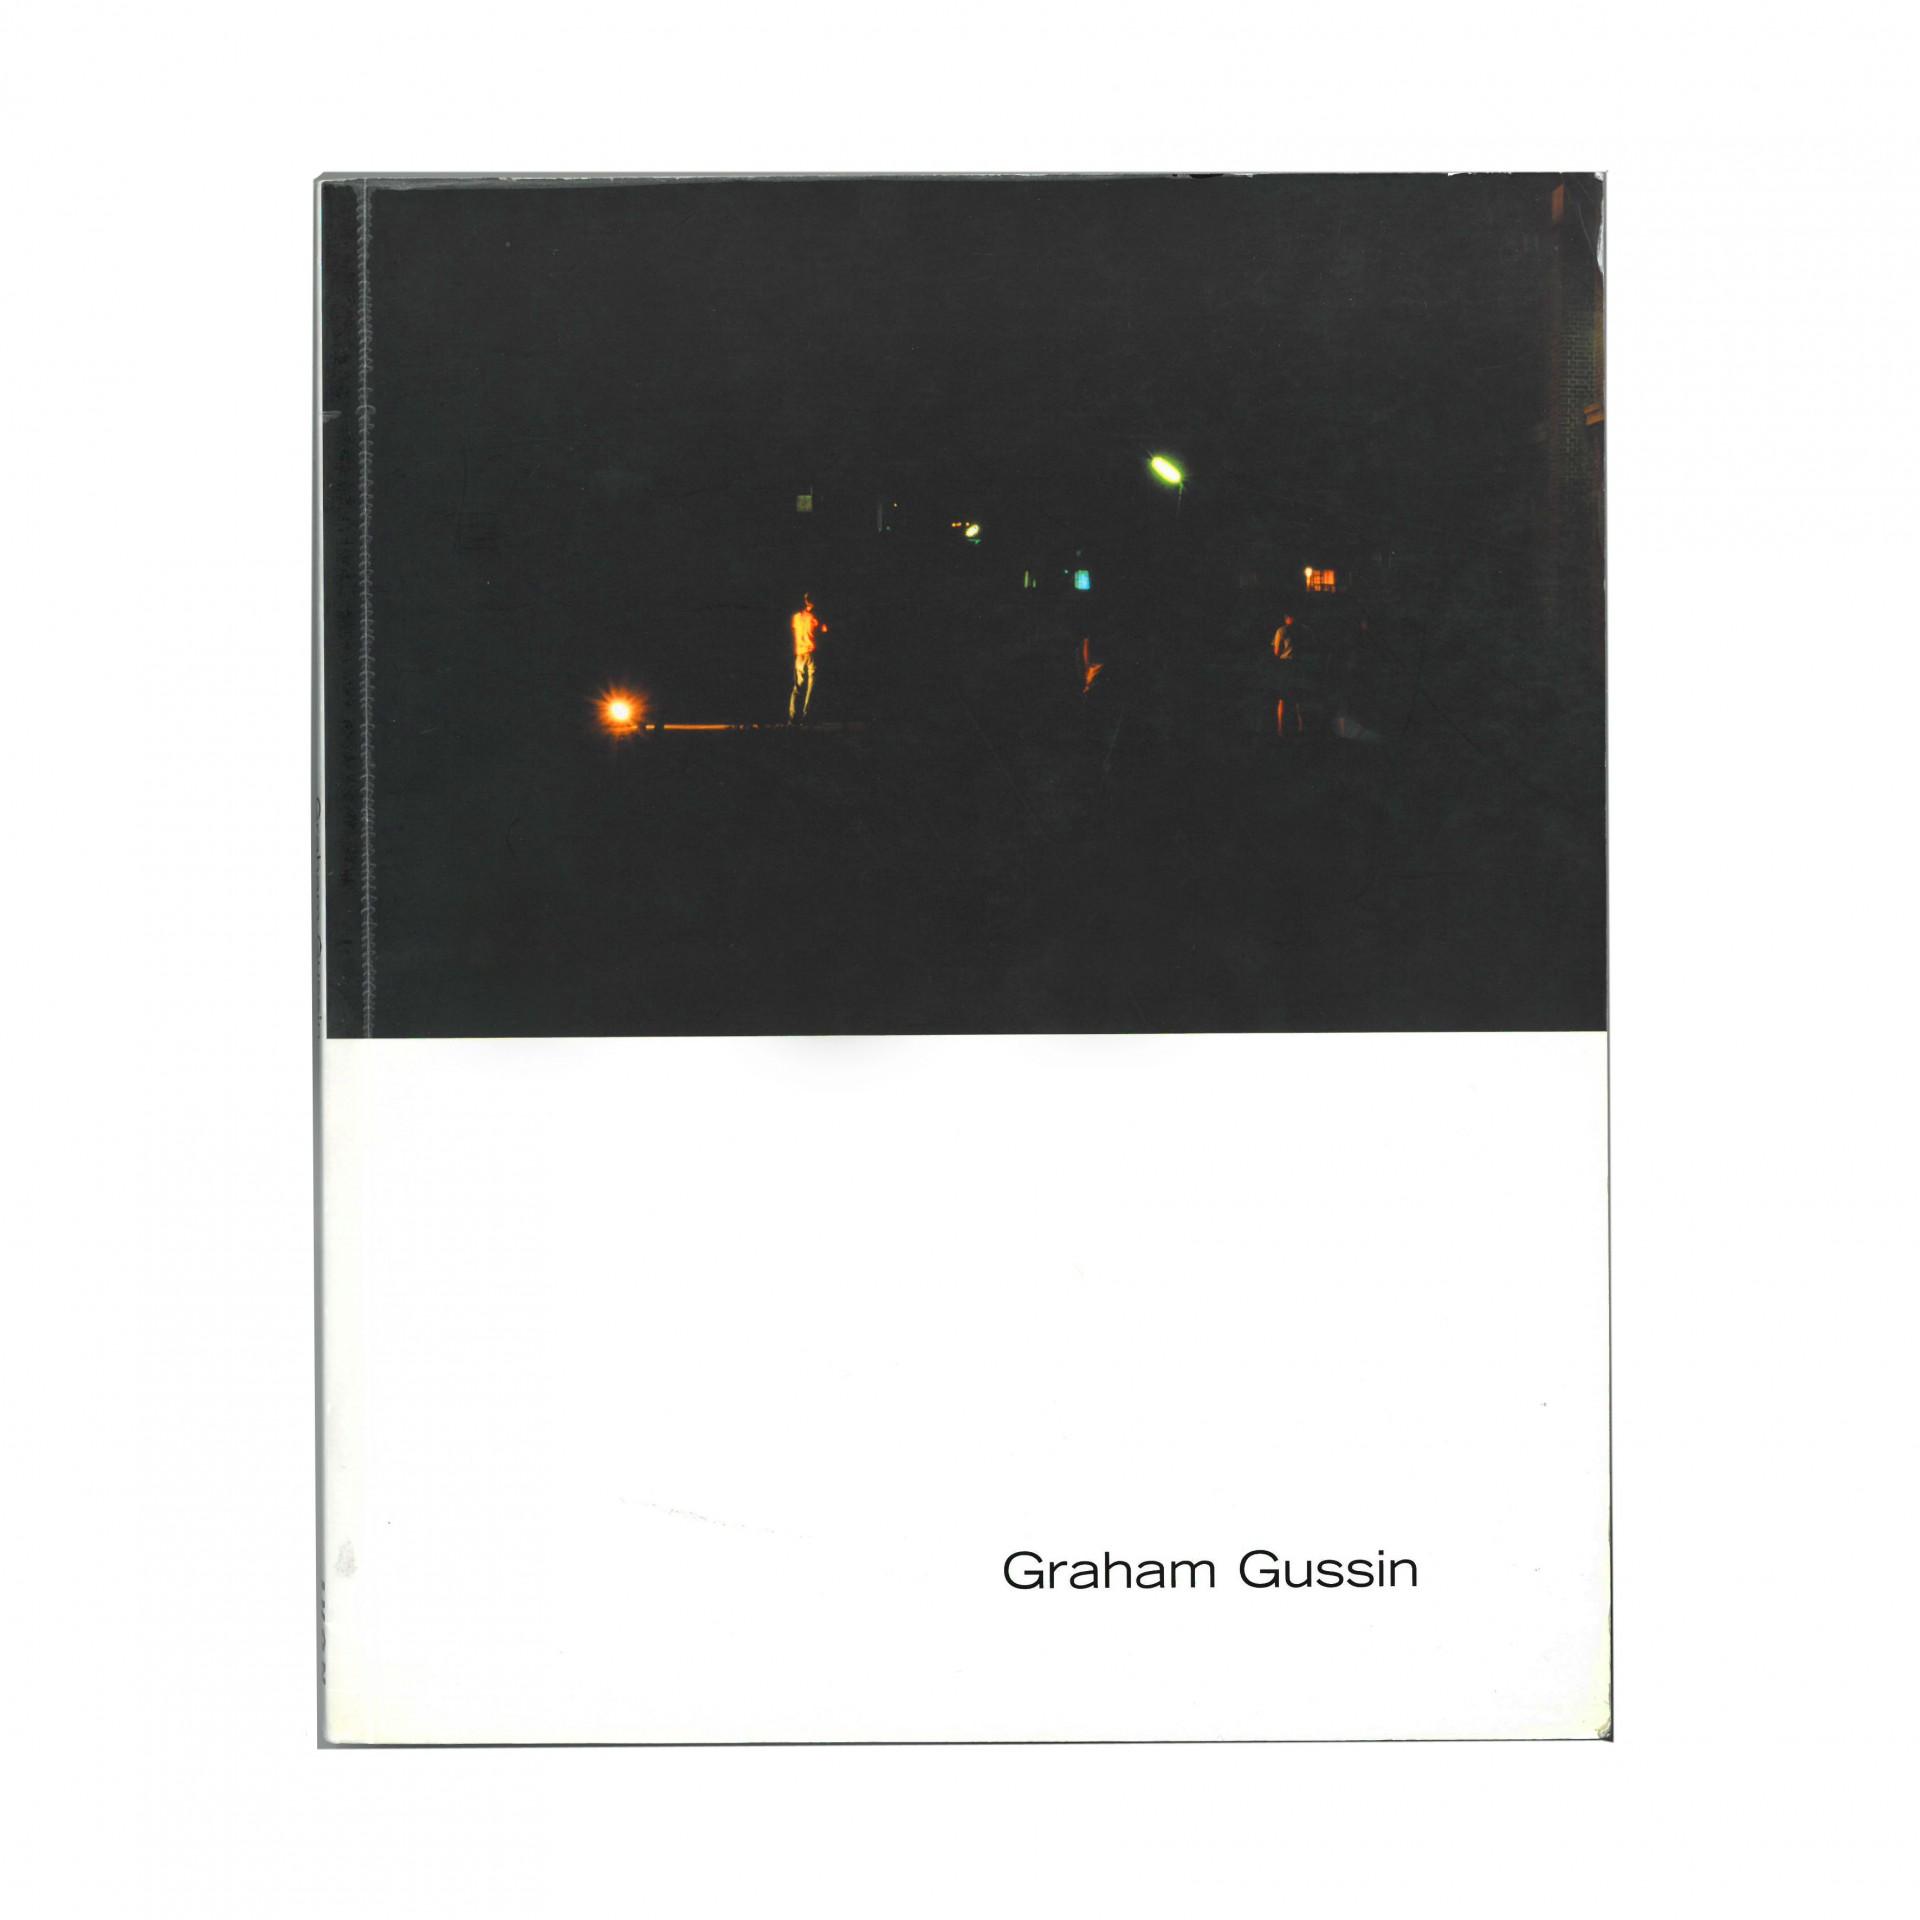 Graham Gussin